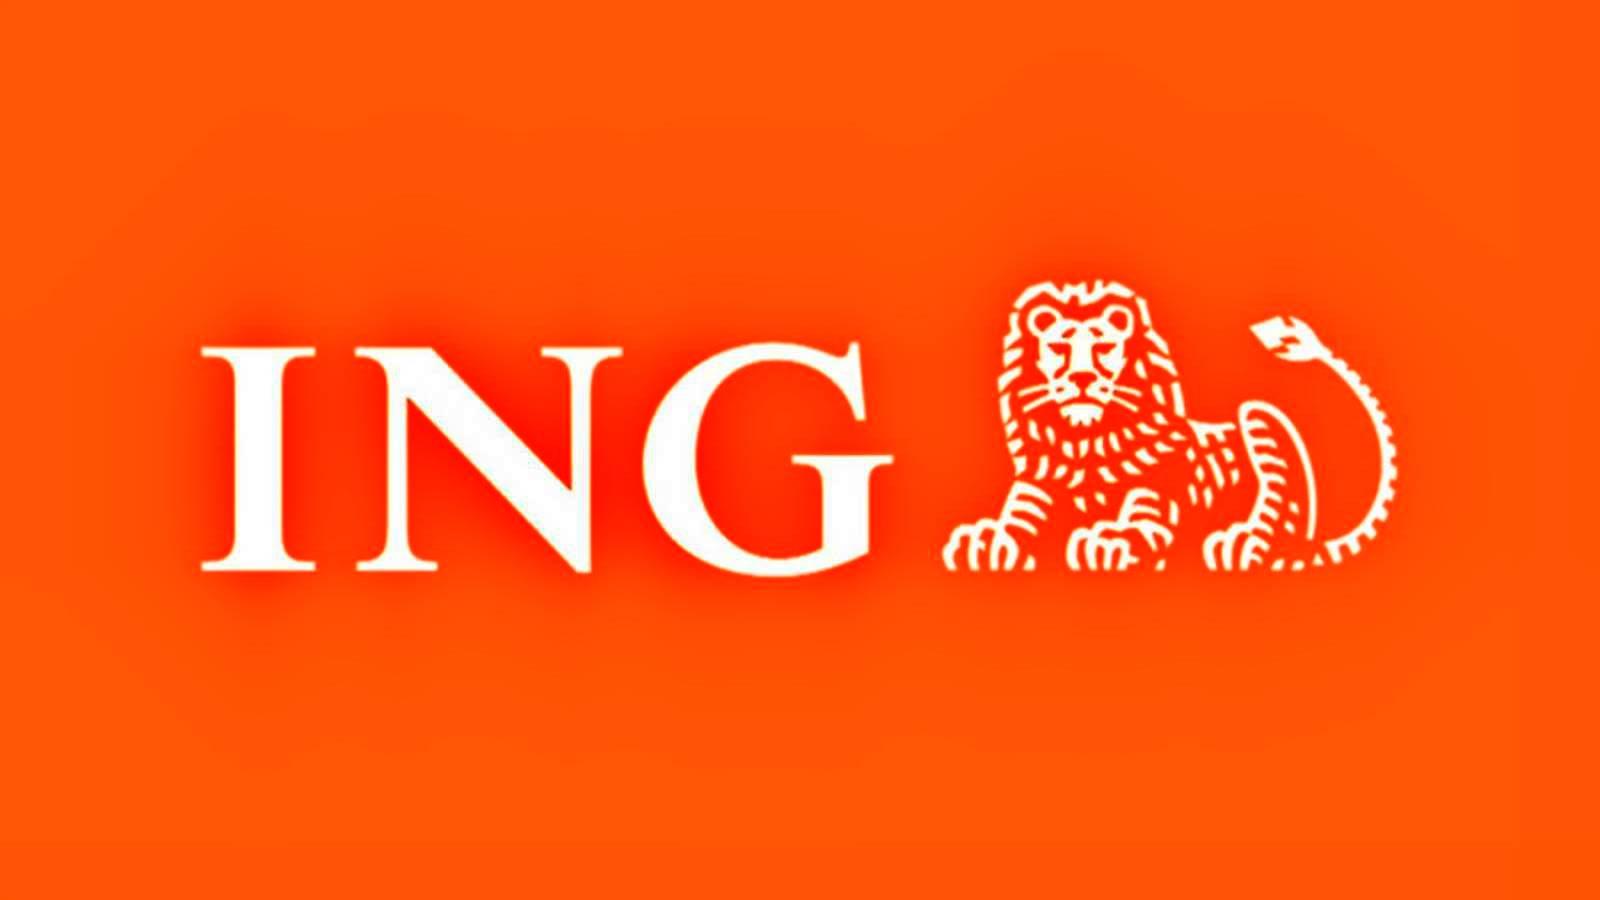 ING Bank trimitere